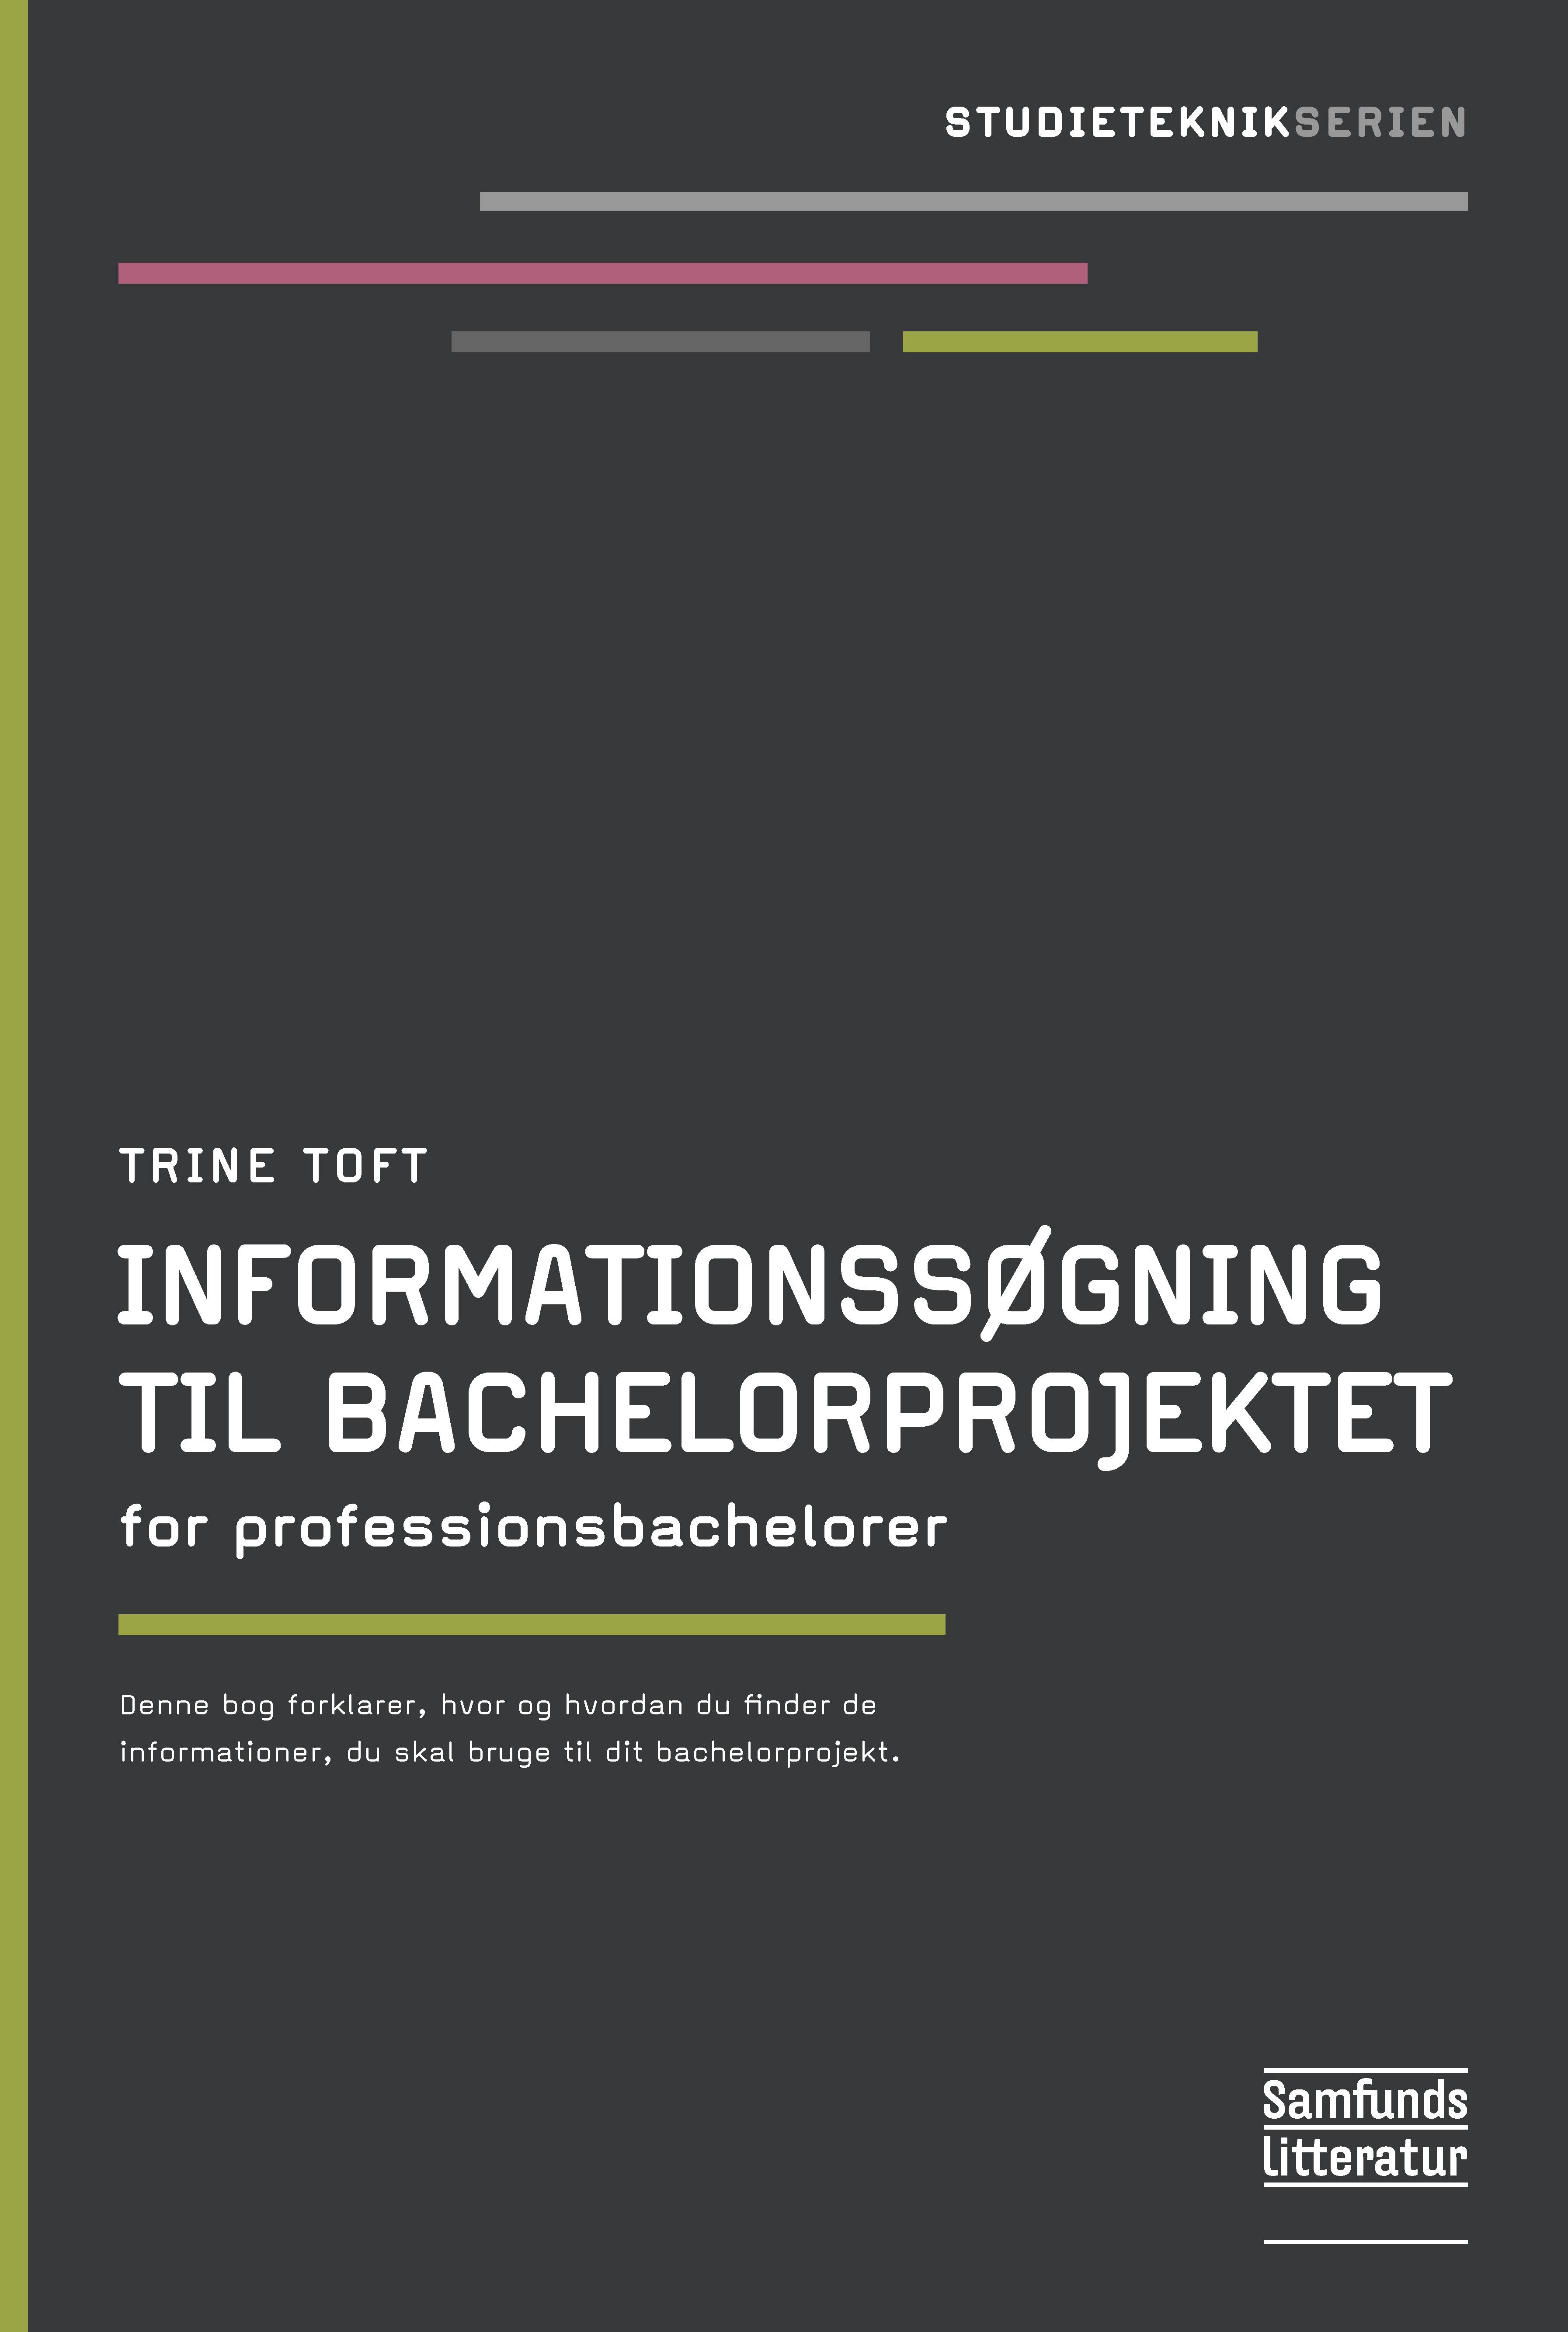 Informationssøgning til bachelorprojektet